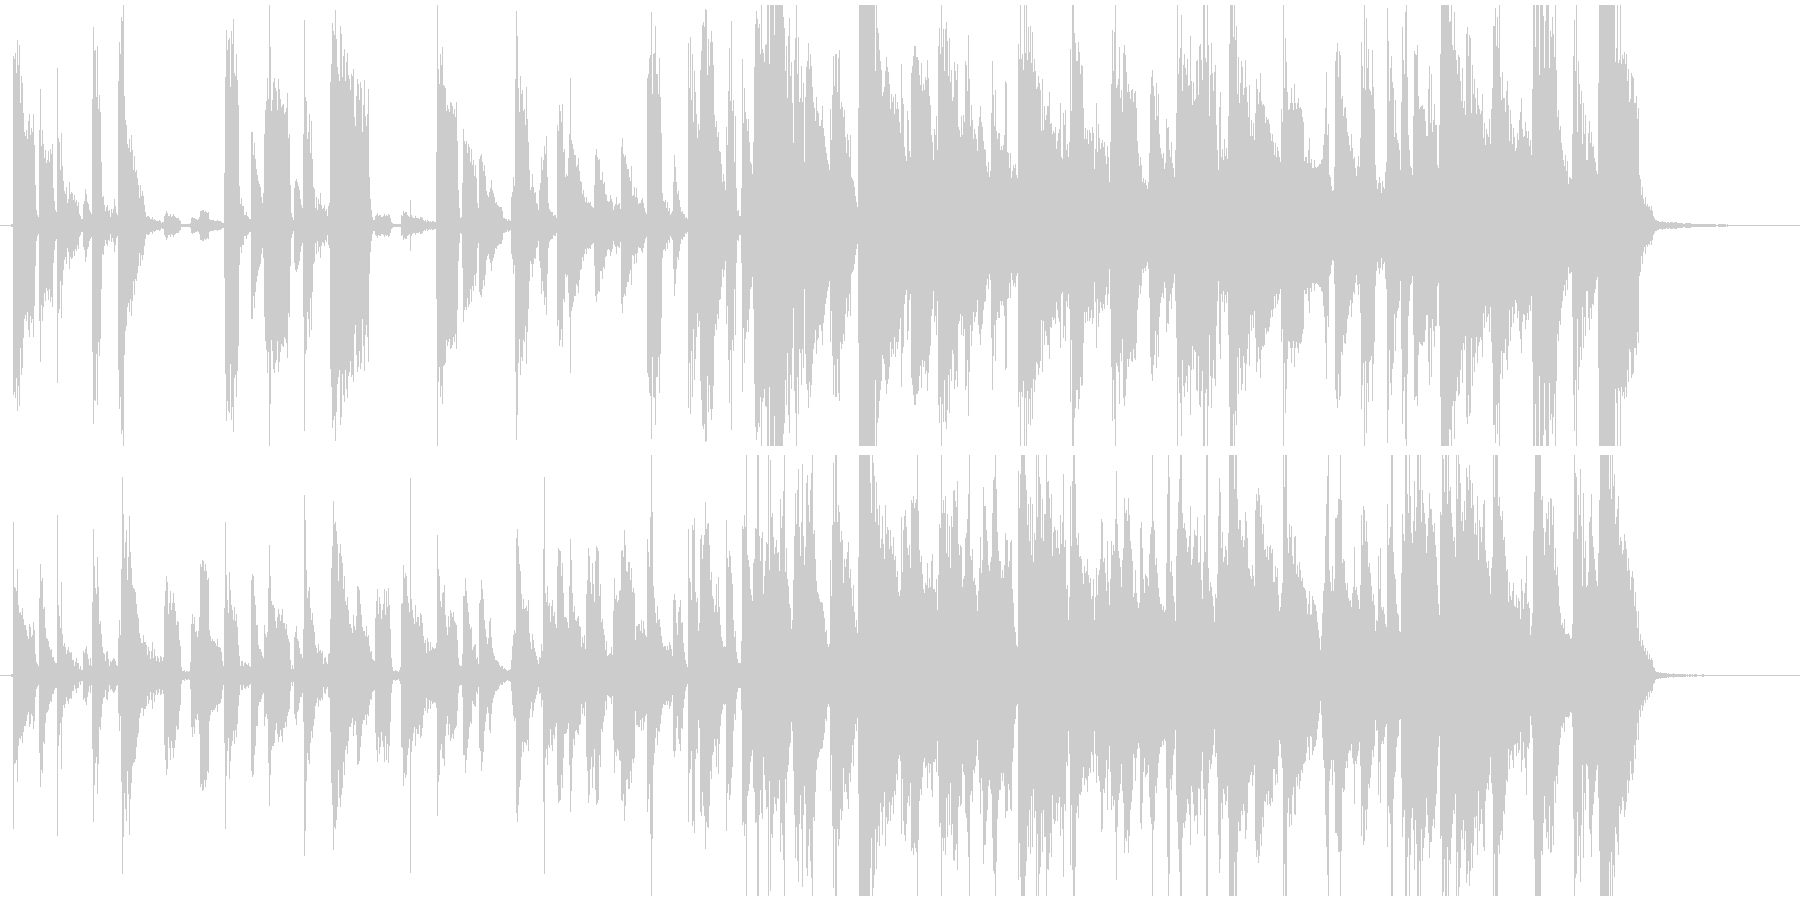 エレピとギターカッティングのジングルの未再生の波形